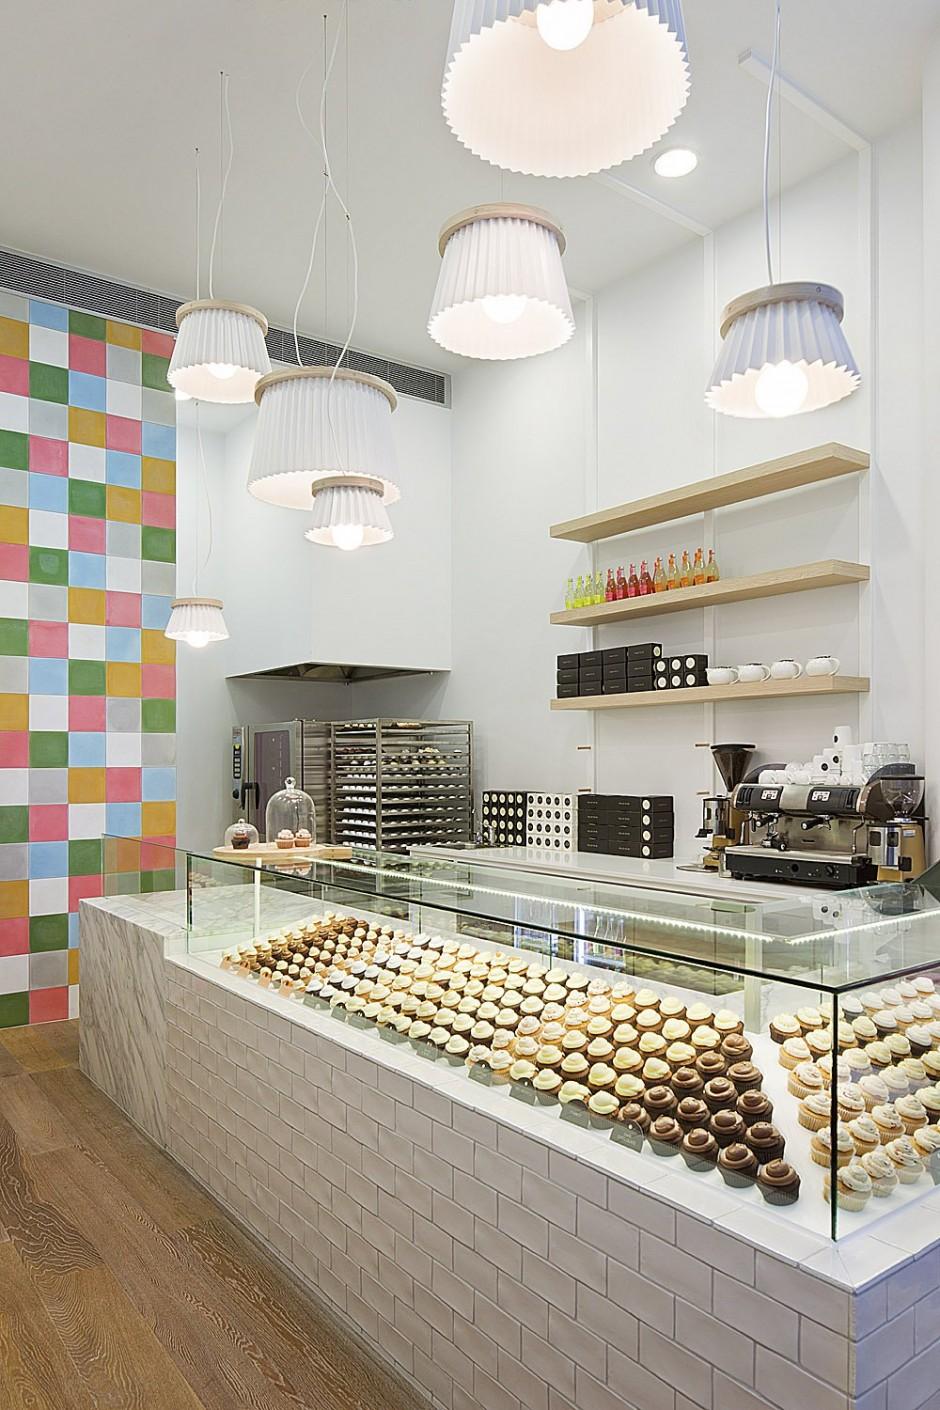 Best Restaurant Interior Design Ideas Cupcake shop